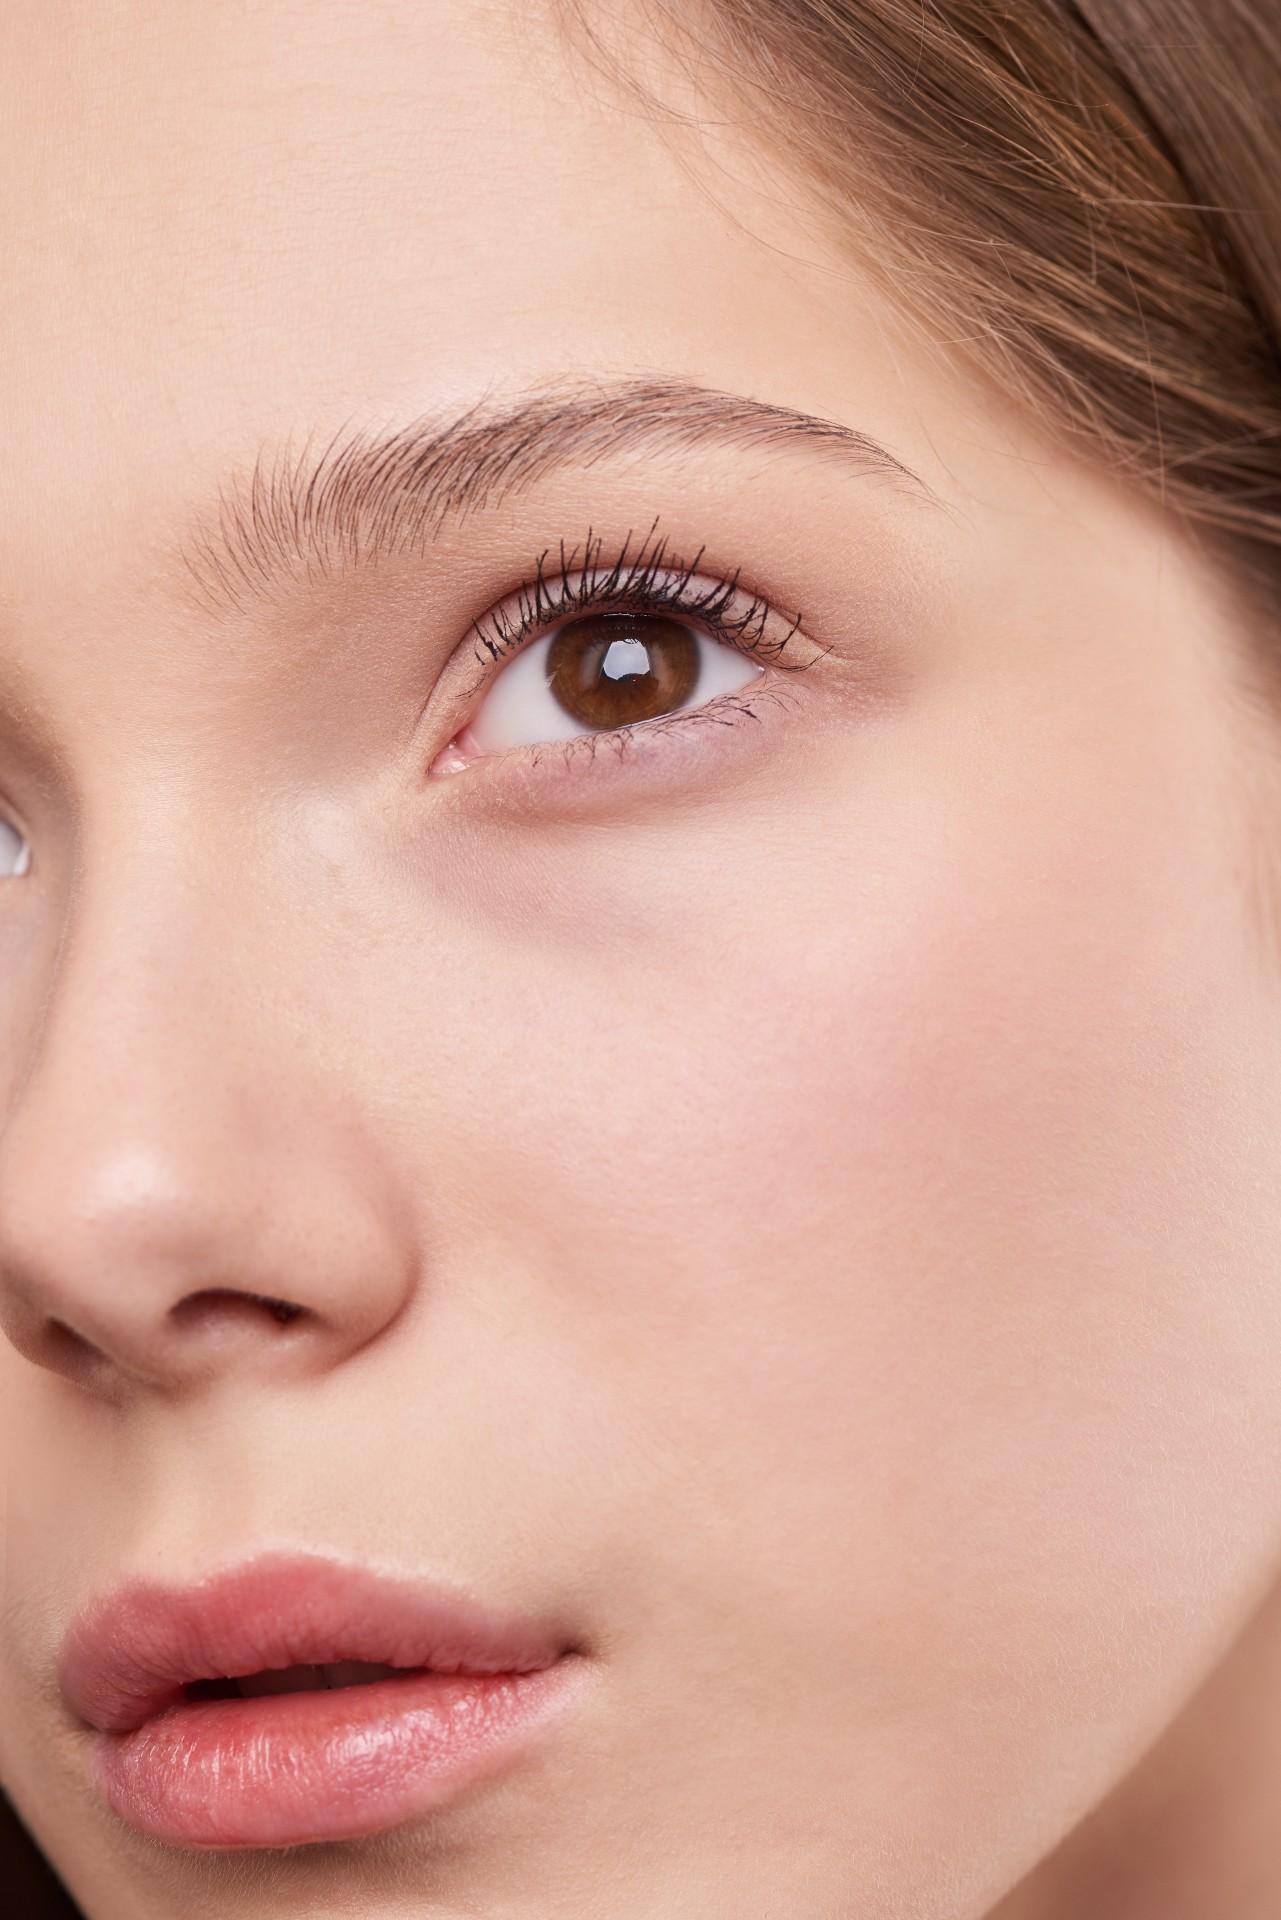 Skin health 2